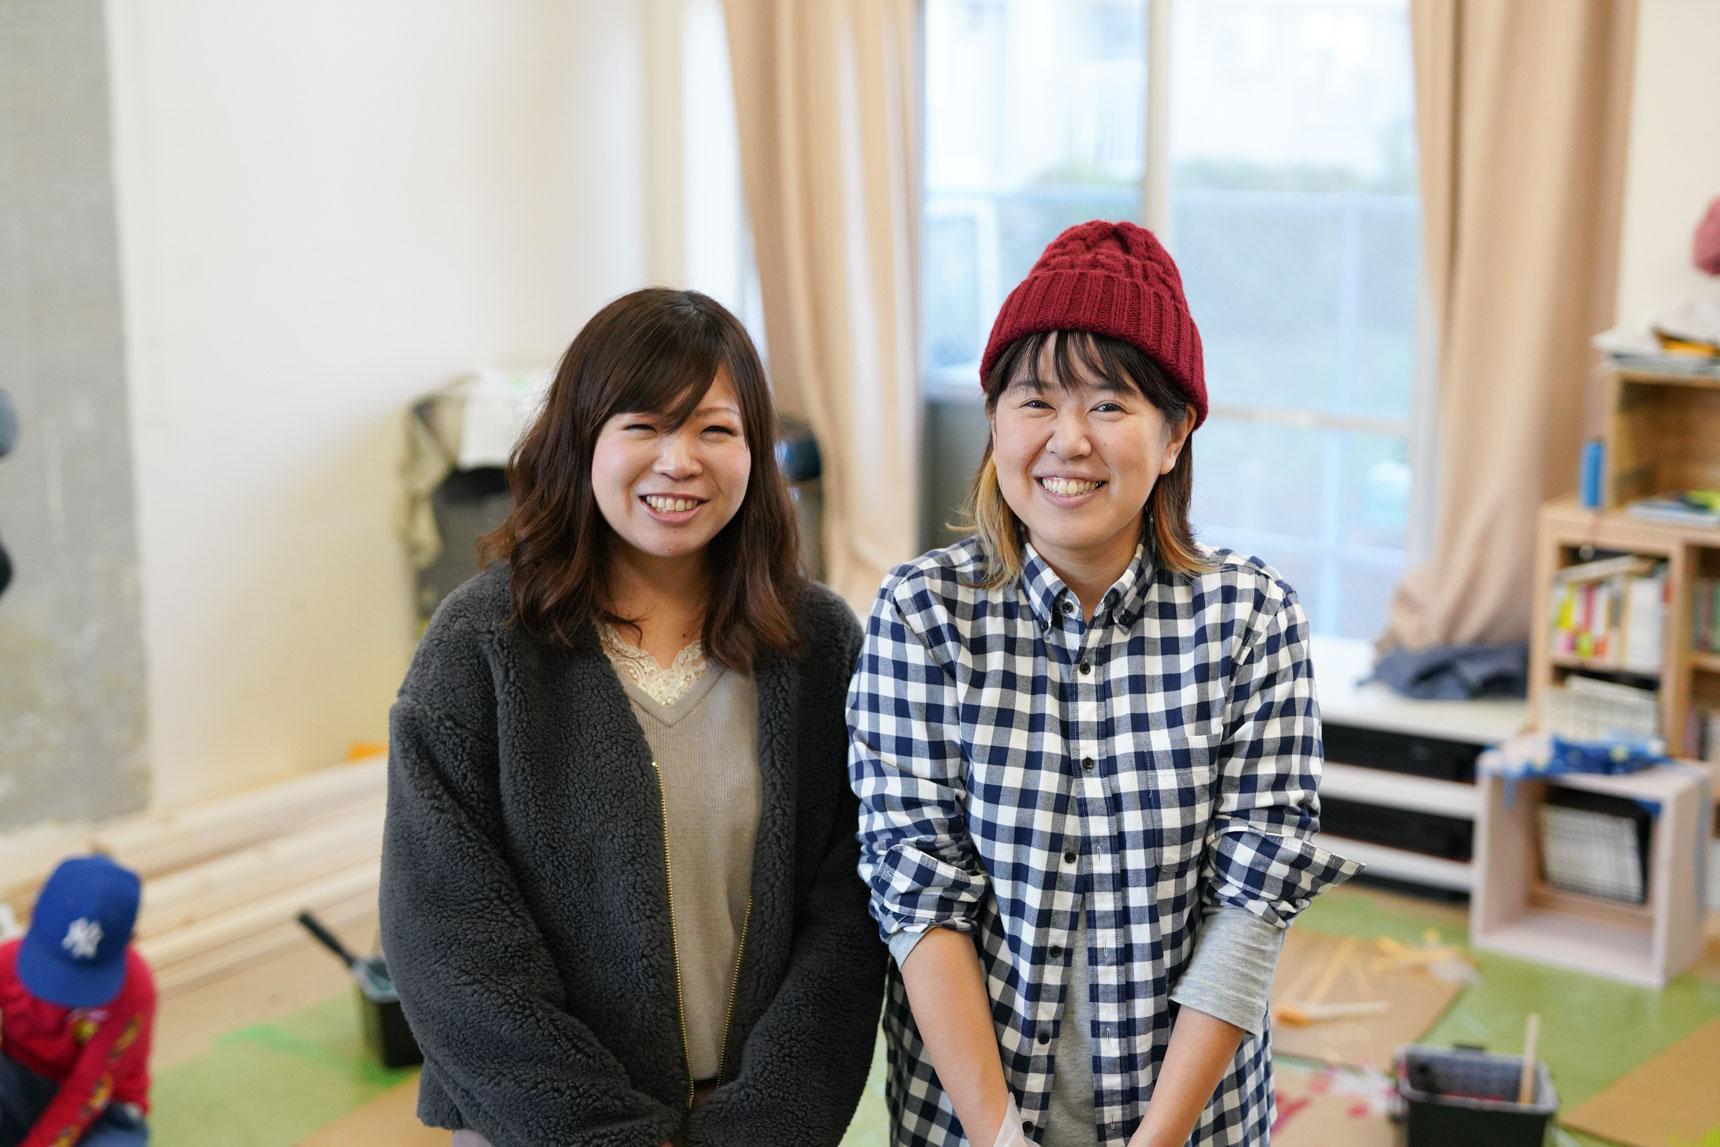 お話を聞かせてくださったのは、左から大阪府住宅供給公社の豊嶋さんと、「としょ係」の白石さん。